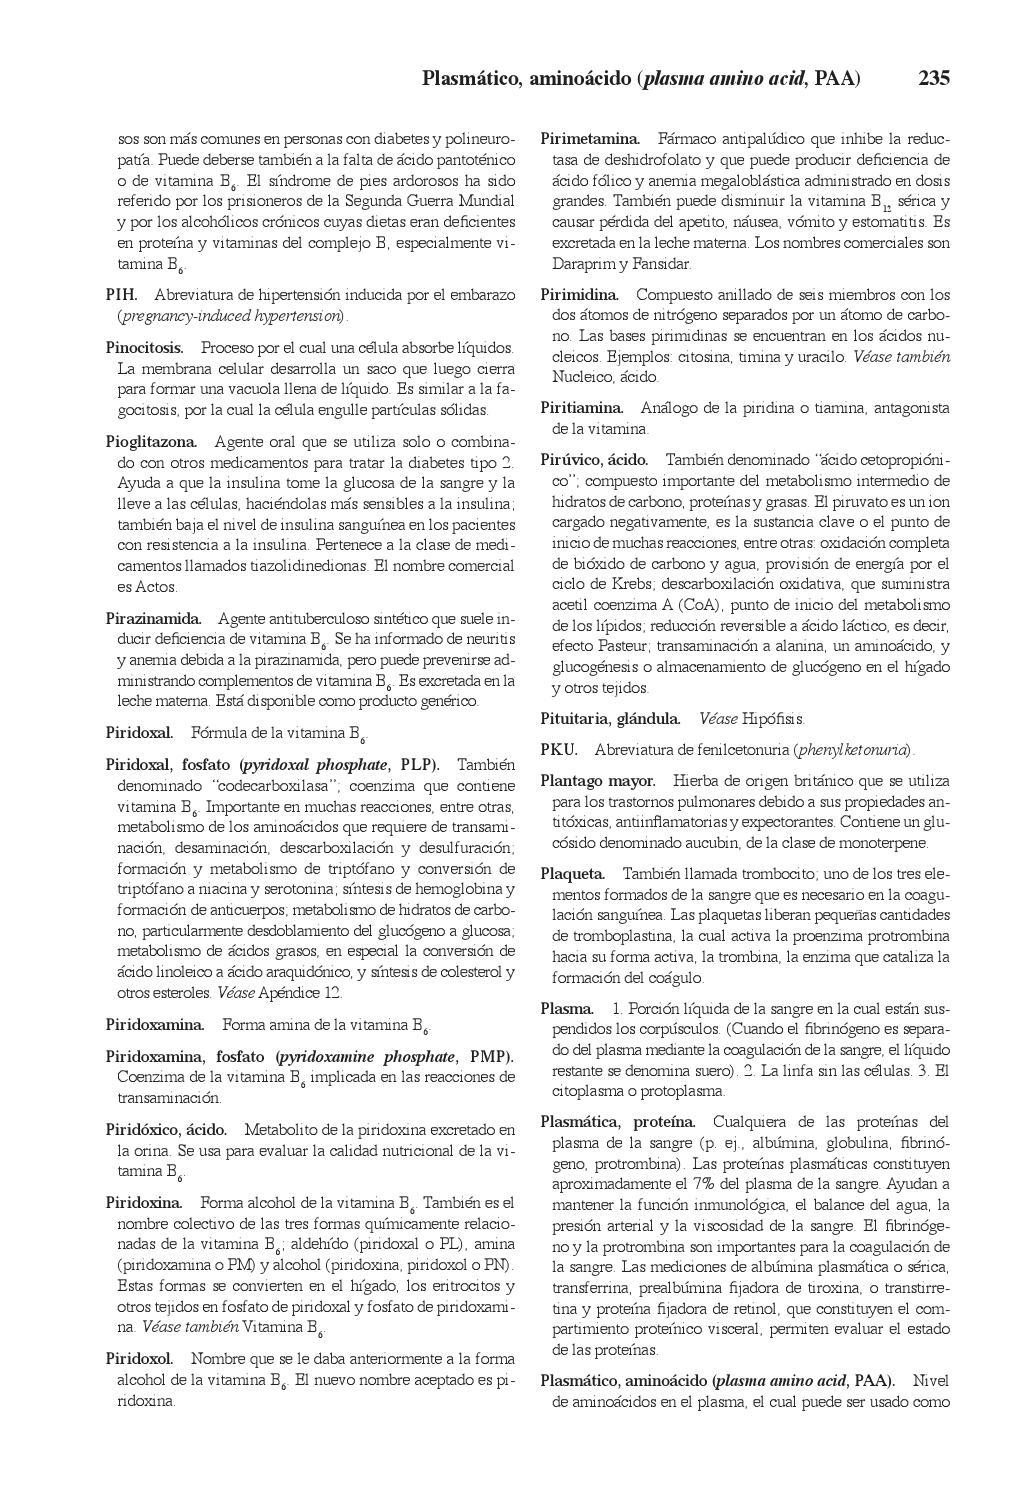 dieta de diabetes con fosfato de piridoxal